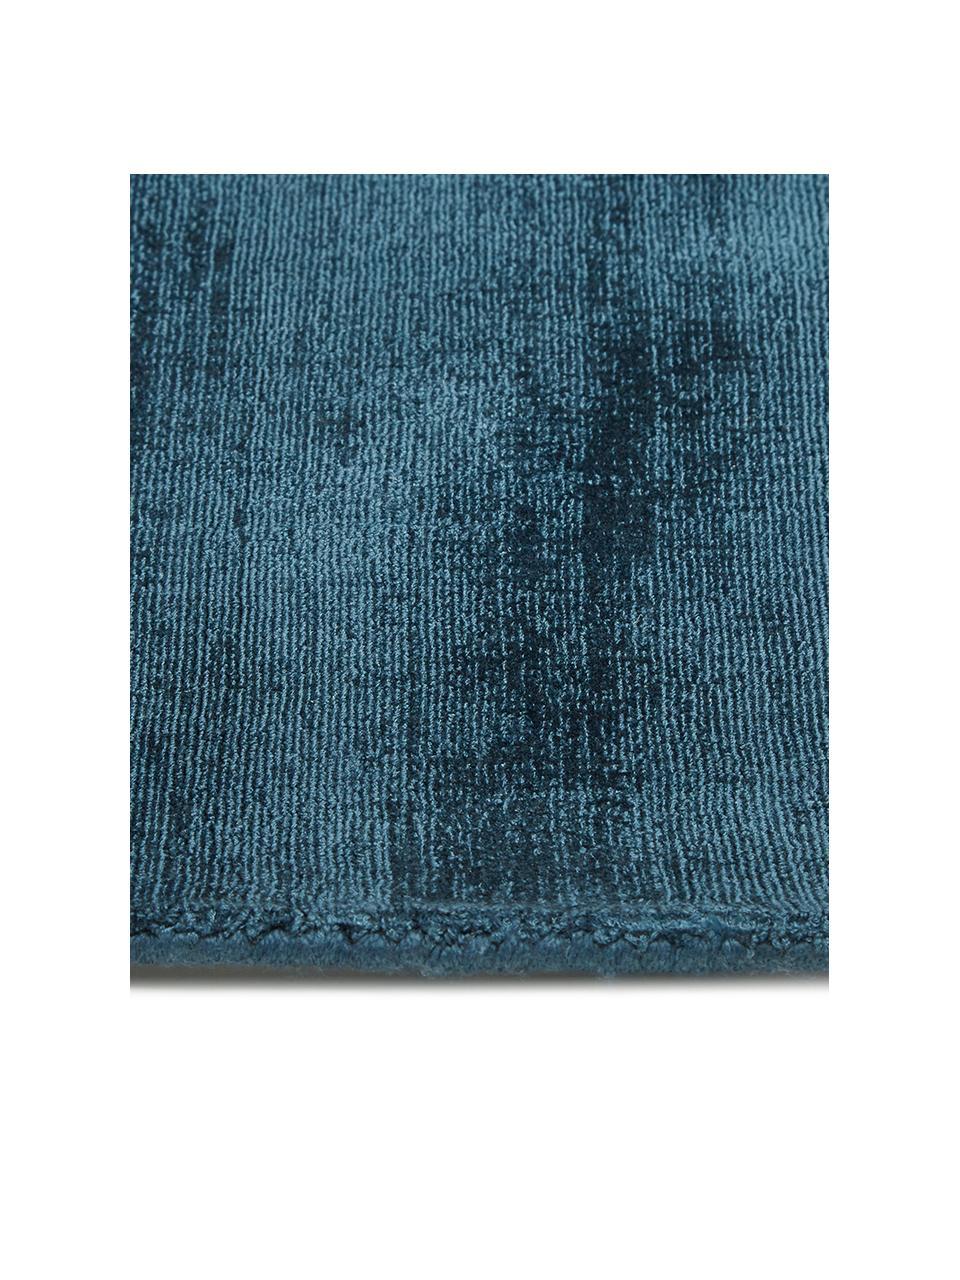 Tapis bleu en viscose tissé main Jane, Bleu foncé